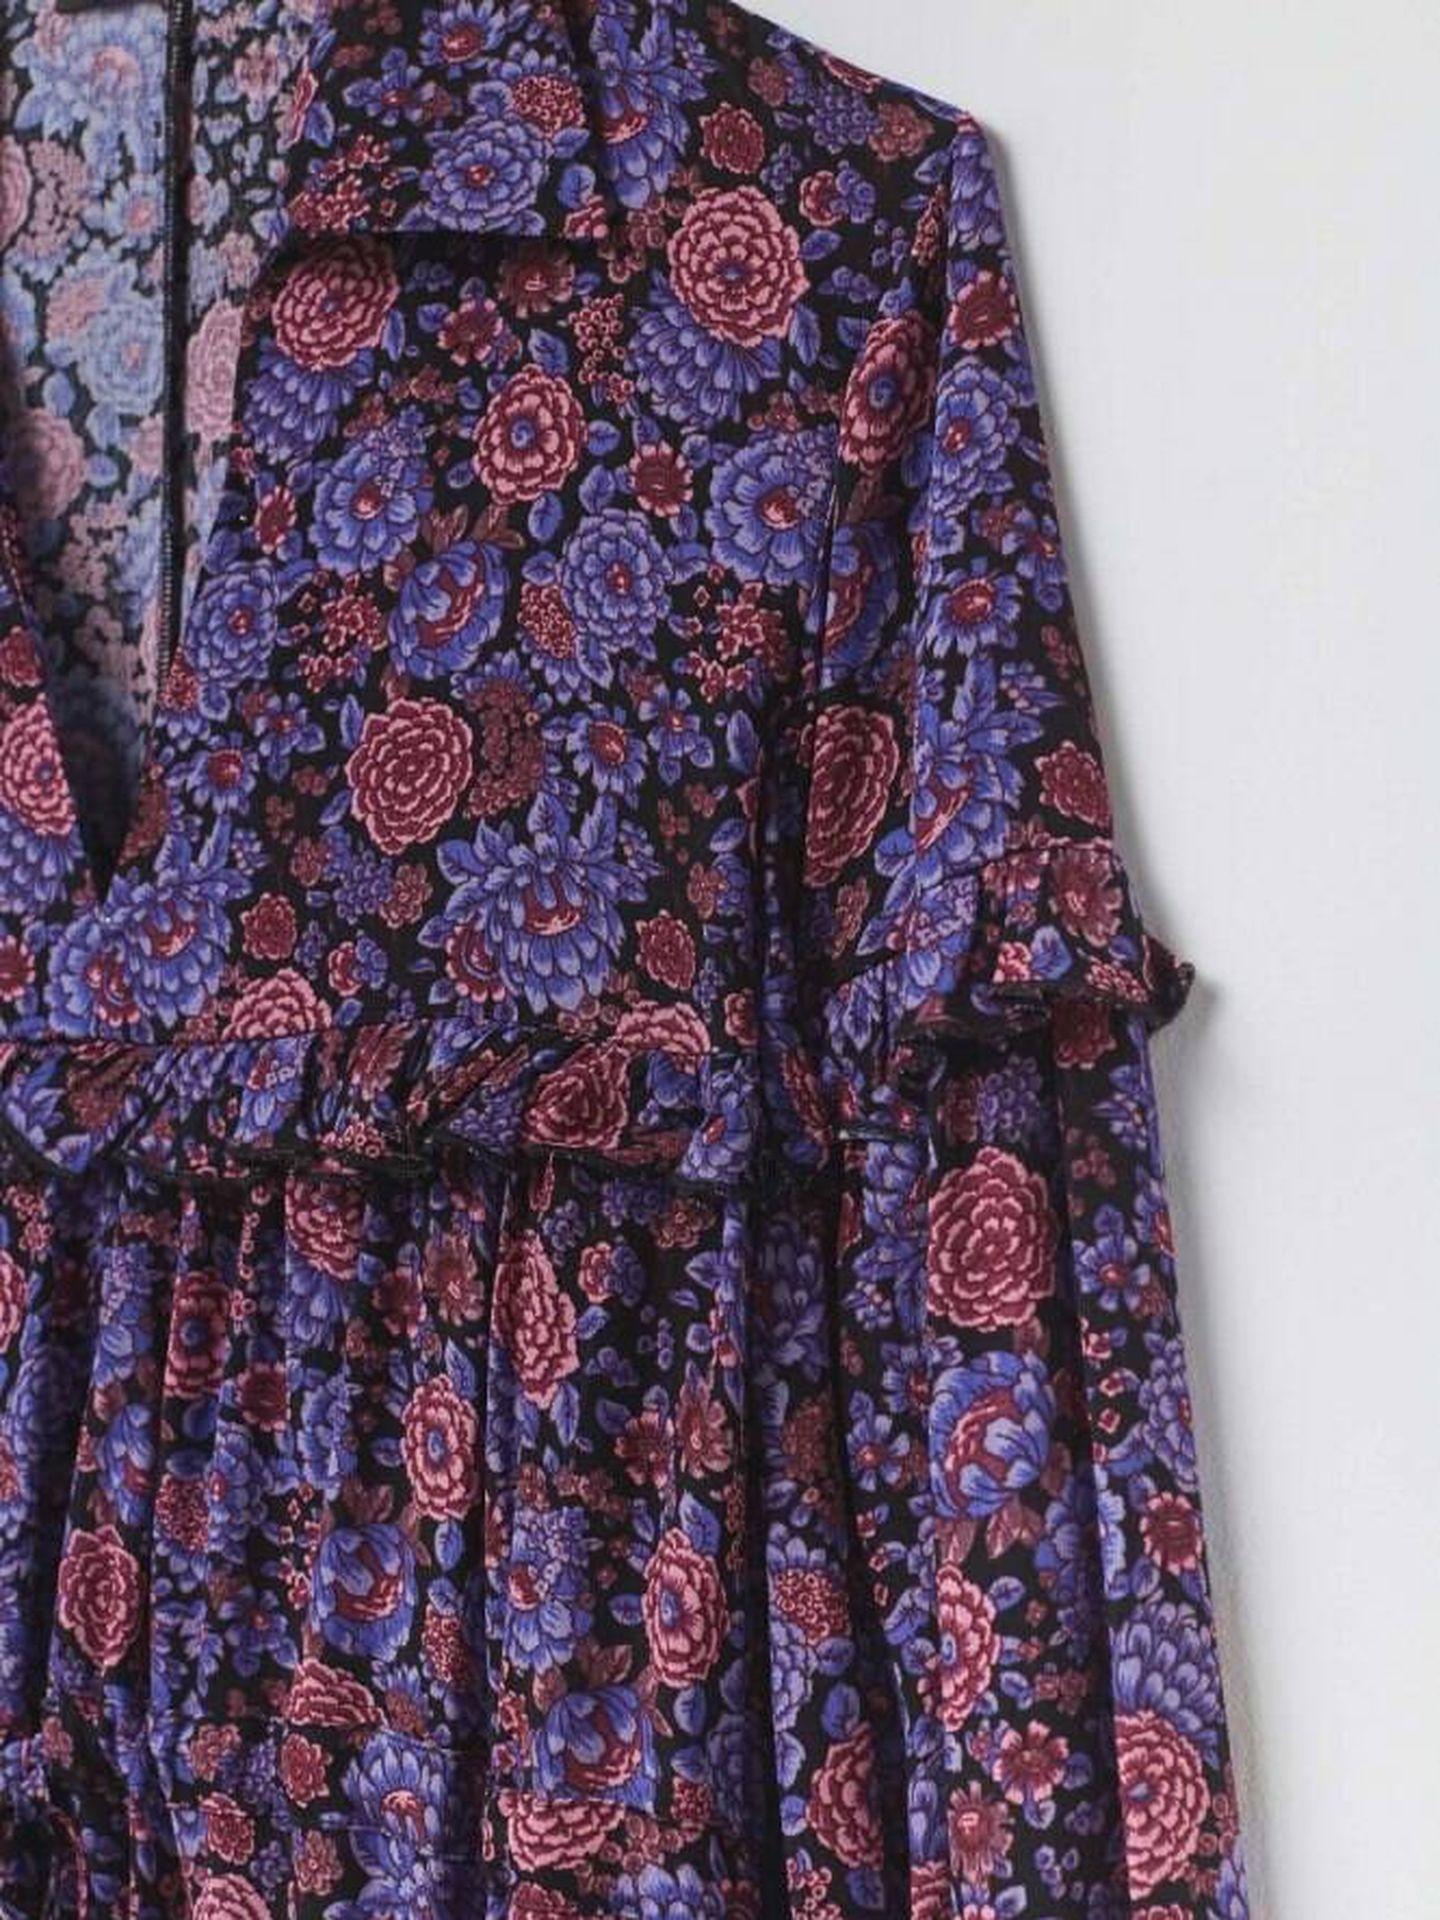 Vestidos de flores de Sfera. (Cortesía)